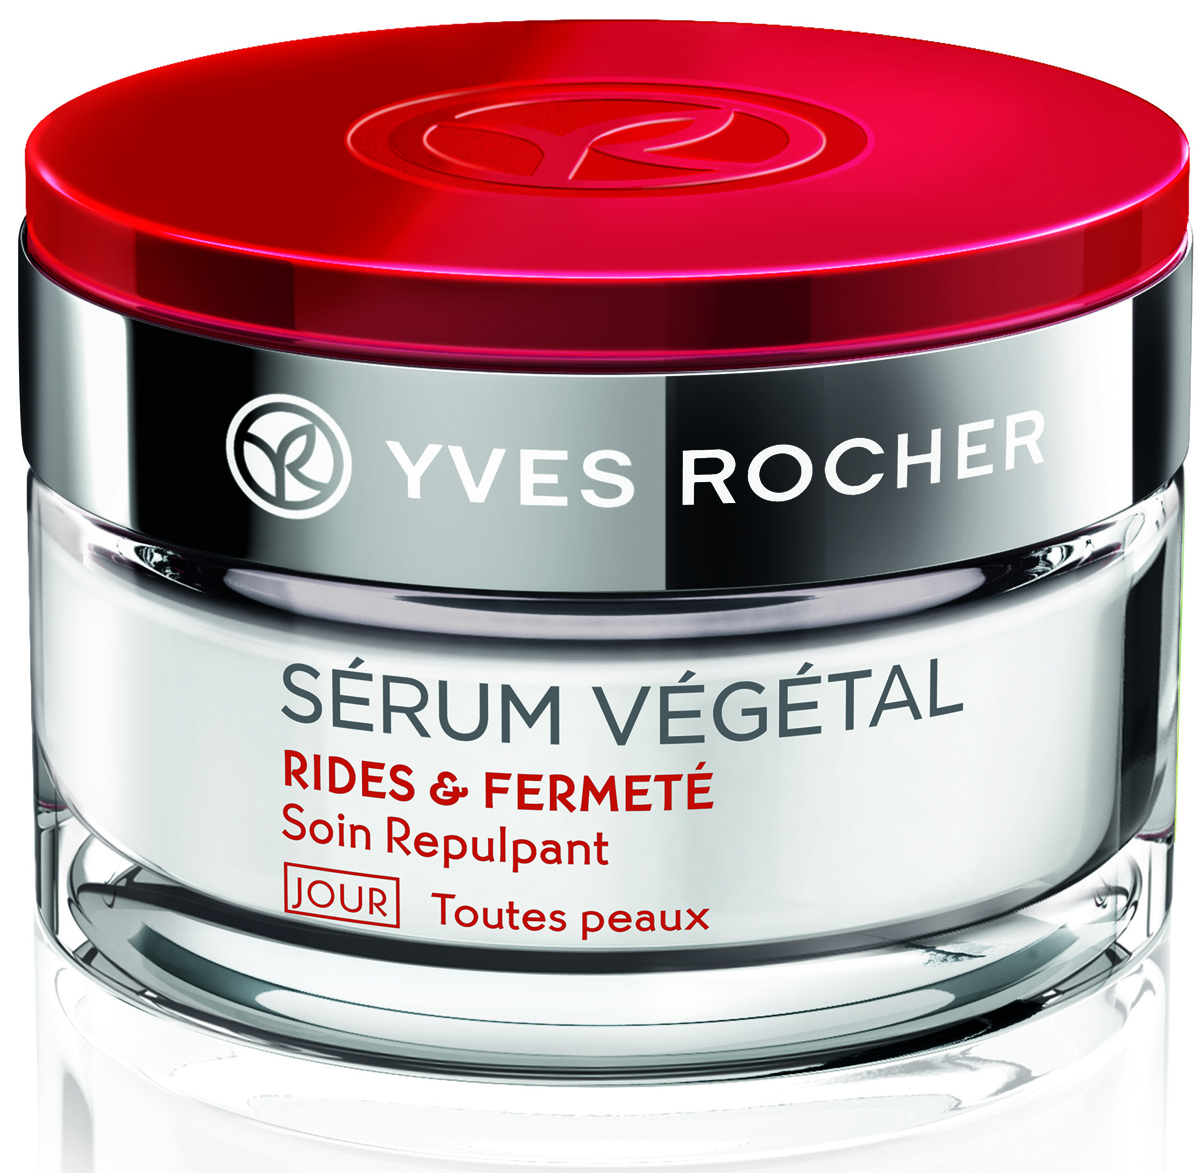 Yves Rocher дневной уход от морщин и для плотности кожи, все типы кожи, 50 мл27692Вы ищете дневной крем от морщин' потому что у Вас: - заметные морщины. - нехватка упругости.Дневной Уход от Морщин & для Плотности Кожи - Все типы кожи' обогащенный экстрактом Растения Жизни: Мезембриантемум кристаллинум' подходит именно Вам.Экстракт Растения Жизни: Мезембриантемум кристаллинум' активизируя выработку протеина mTOR в коже*' стимулирует механизмы борьбы с морщинами на клеточном уровне. В состав формулы также входит камедь Акации' которая возобновляет синтез коллагена и гиалуроновой кислоты* для восстановления упругости и плотности кожи изнутри. День за днем глубина даже самых заметных морщин сокращается.Через 1 месяц кожа становится более упругой и более плотной у 82% Женщин**.Уход с насыщенной текстурой увлажняет кожу в течение всего дня.Протестировано под контролем дерматологов.